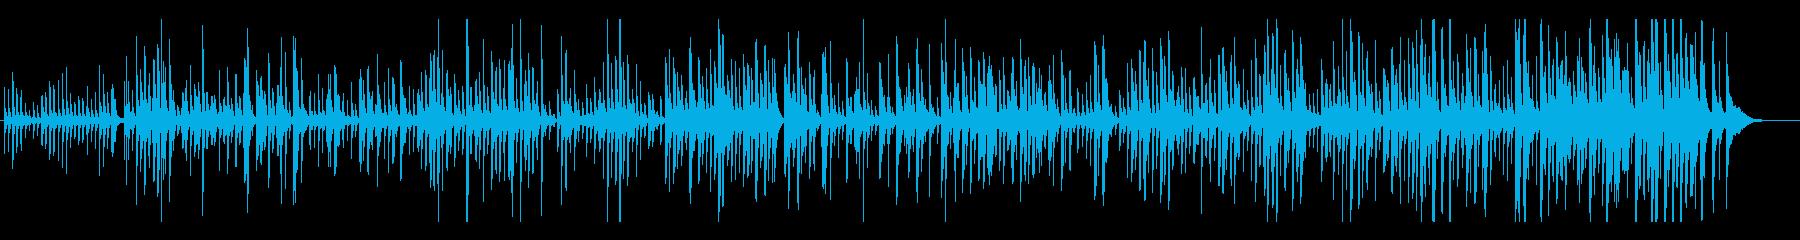 穏やかで厳かな弦楽二重奏:J.S.バッハの再生済みの波形